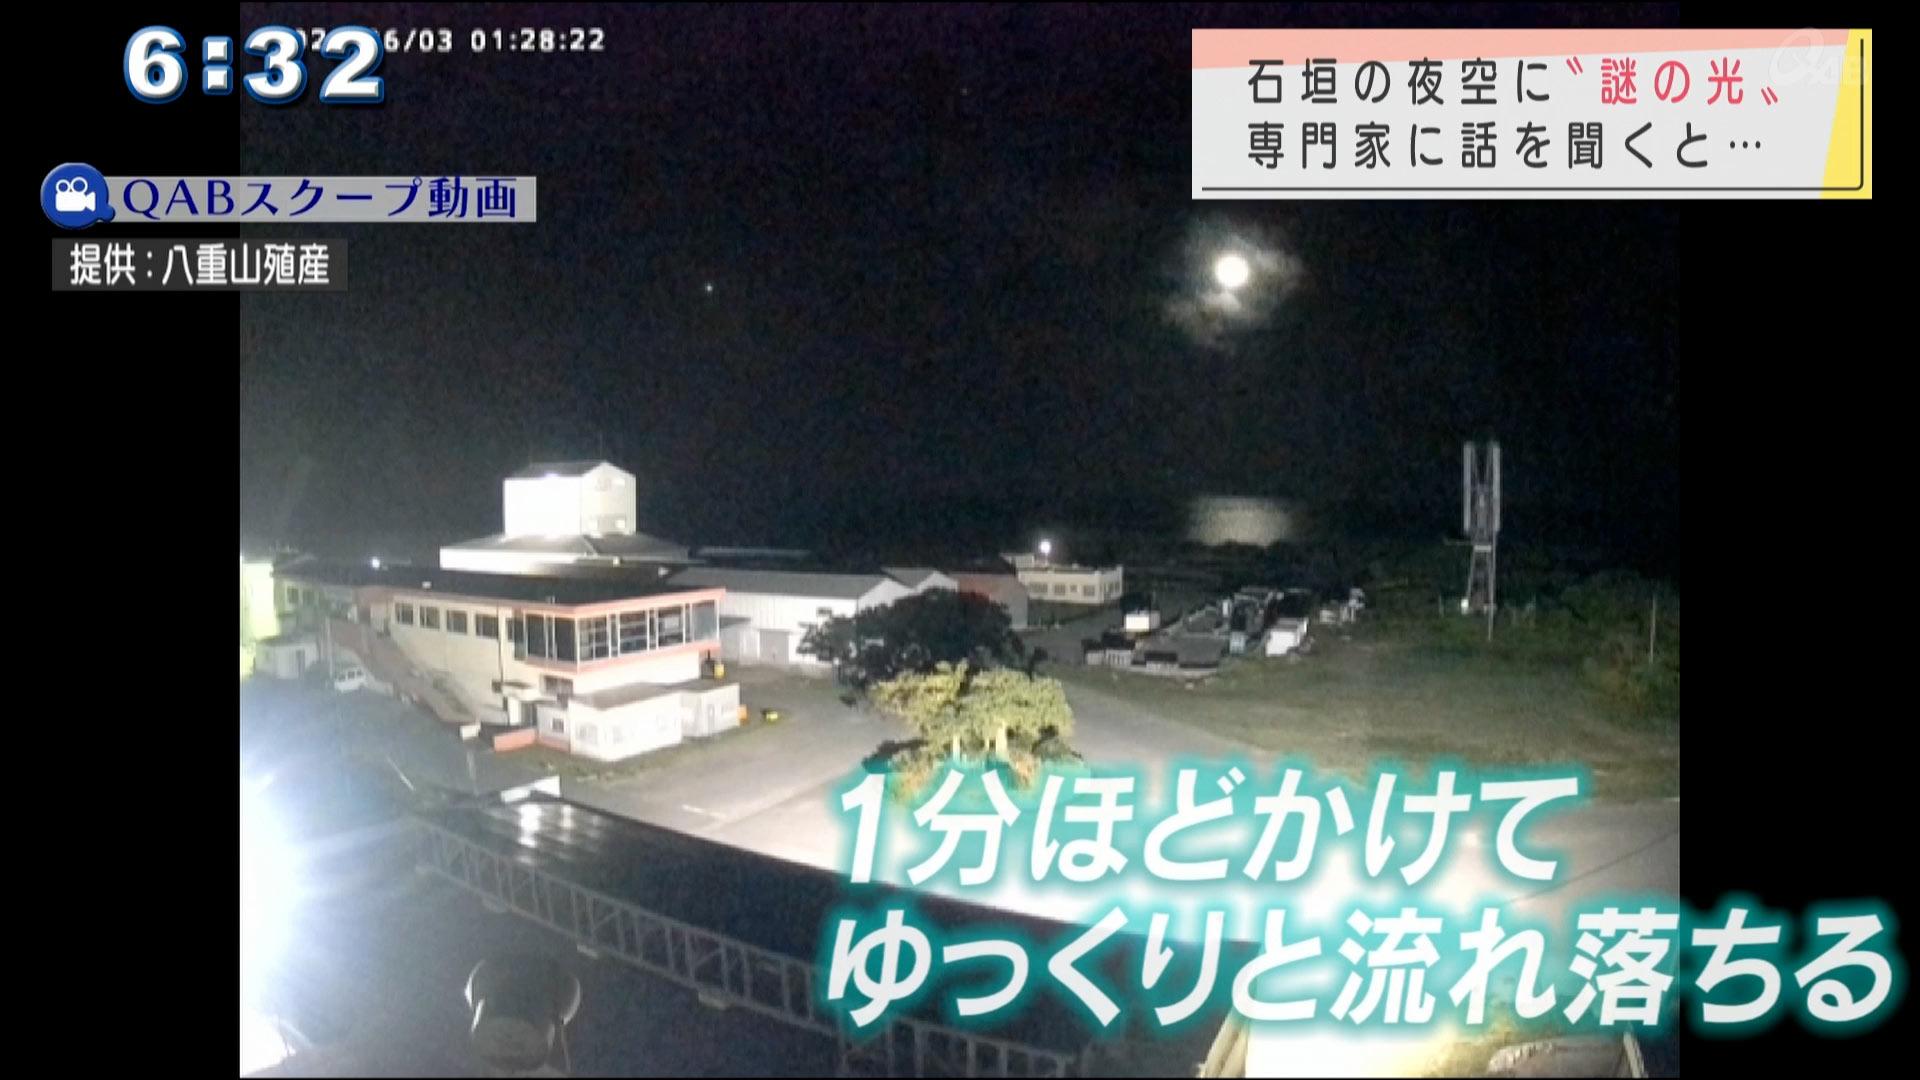 石垣島で光の玉 正体は?